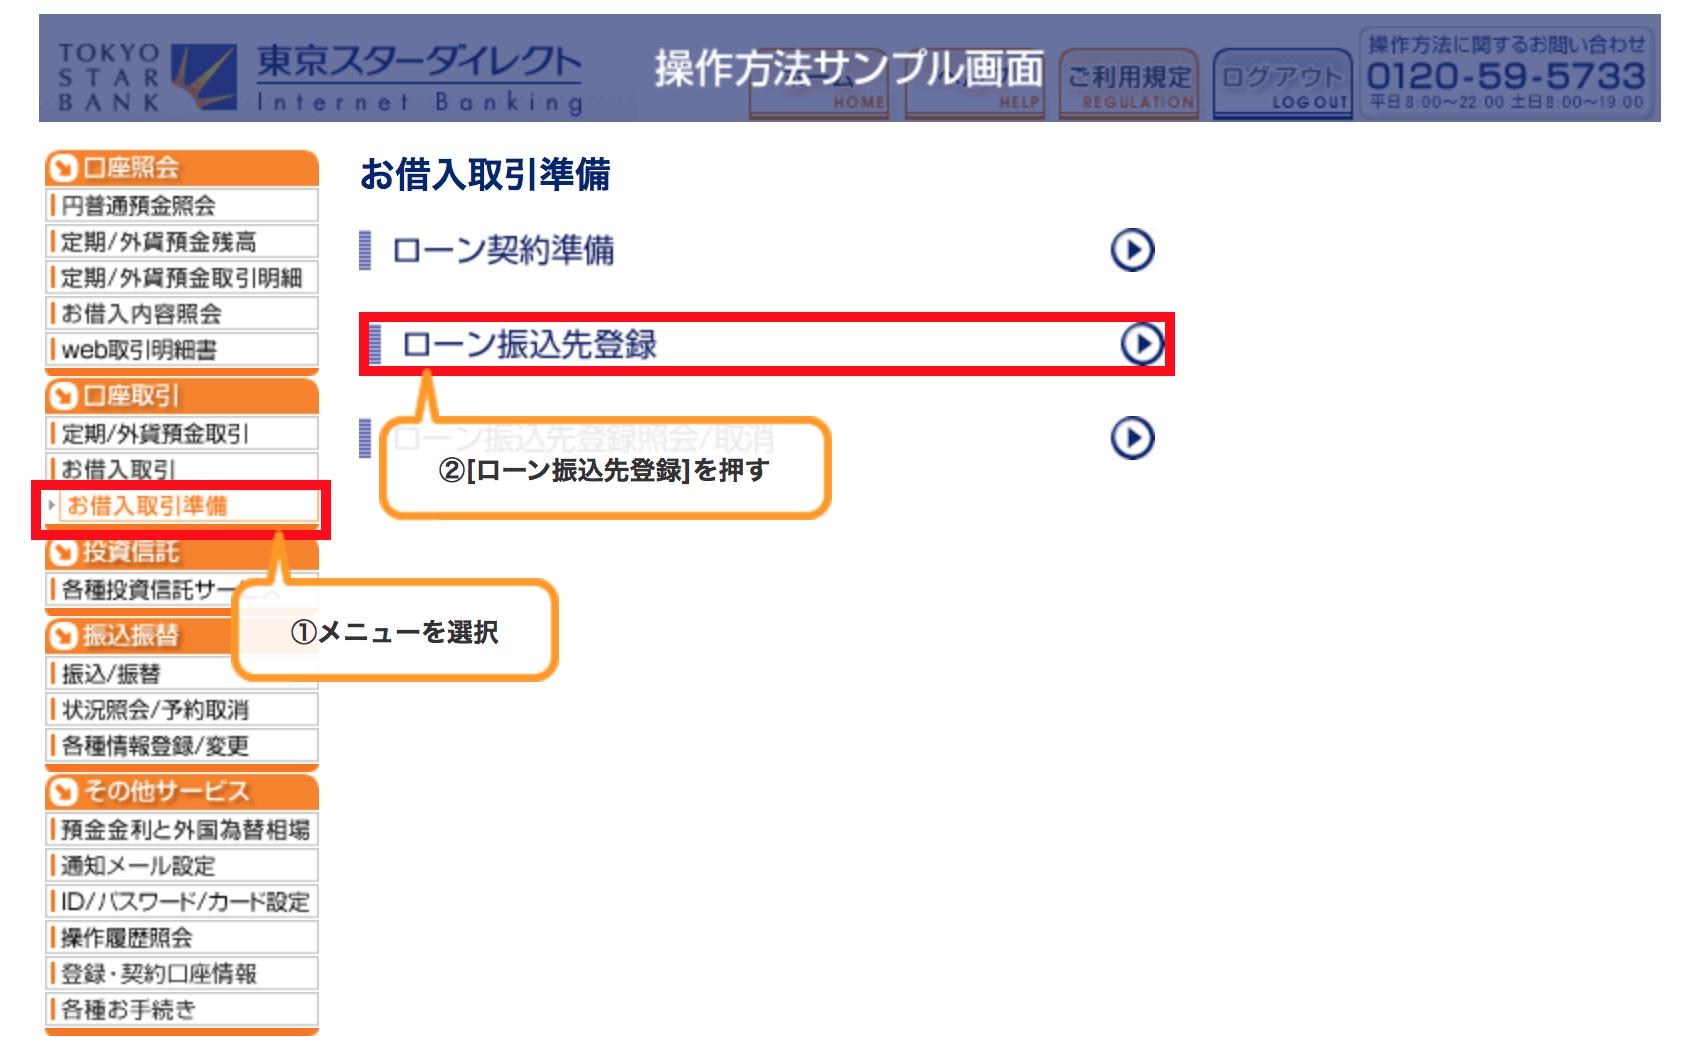 東京スター銀行「操作方法サンプル画面」